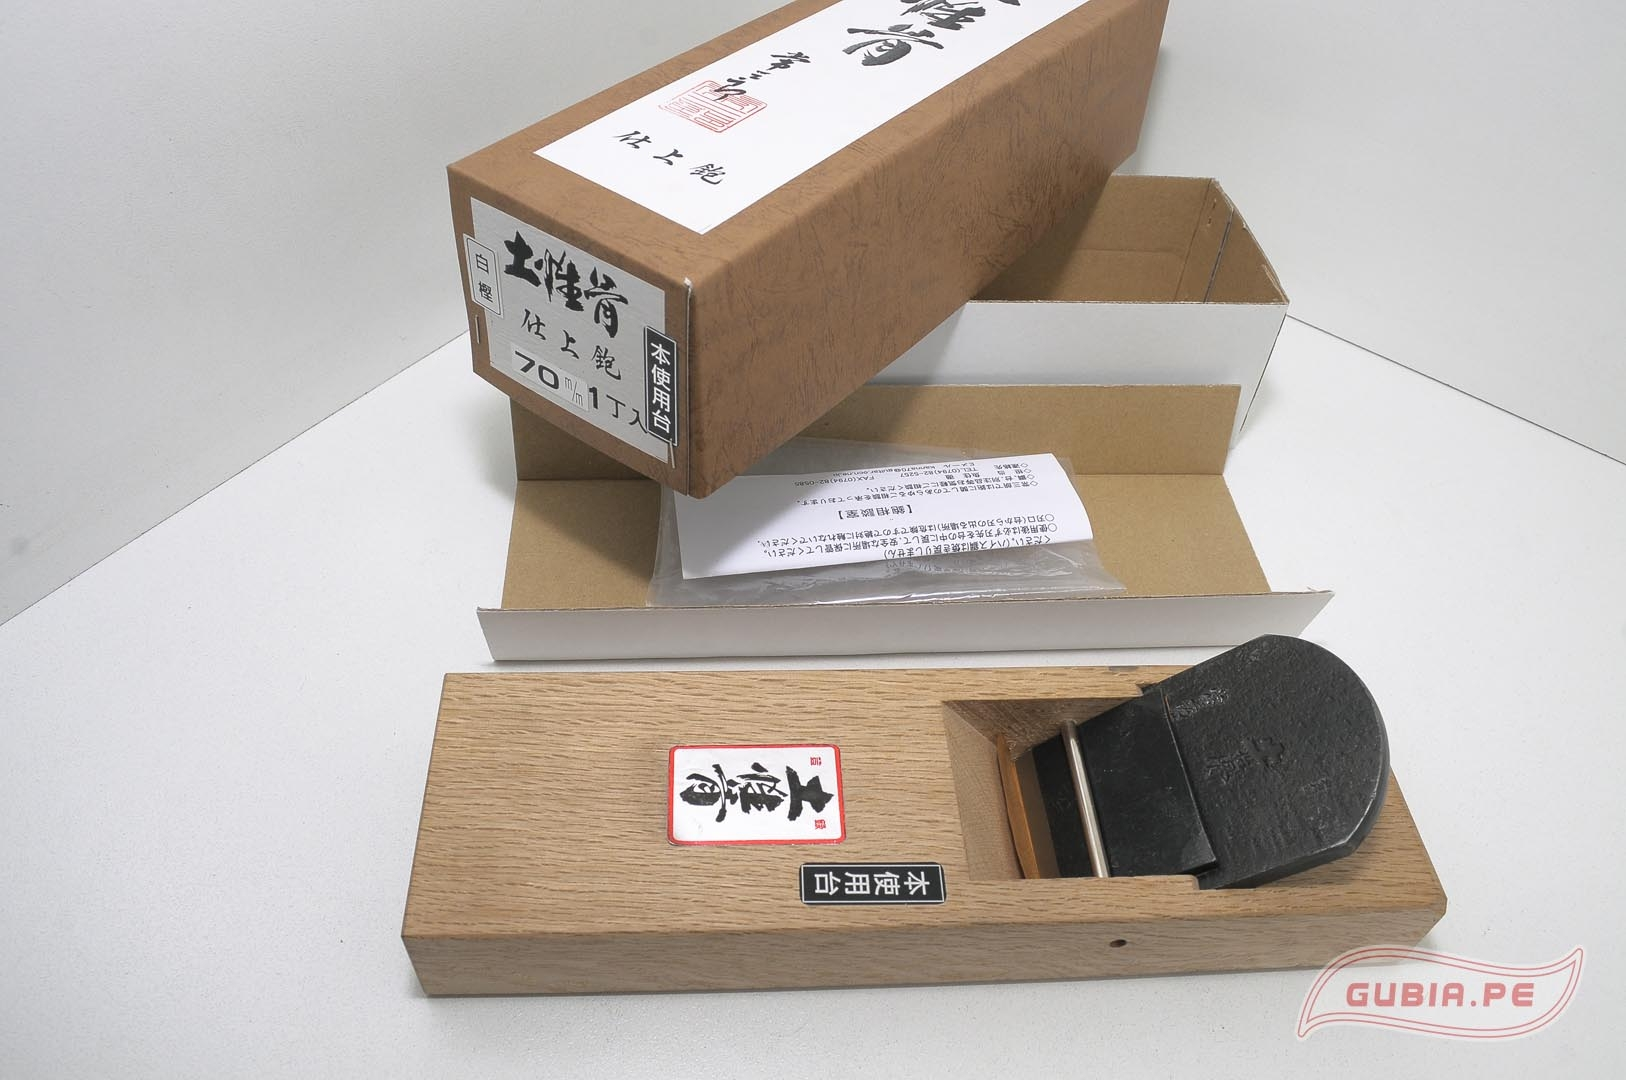 T70-Kanna 70mm Aogami Blue Super cepillo japones cama 40° Tsunesaburo T70-max-7.